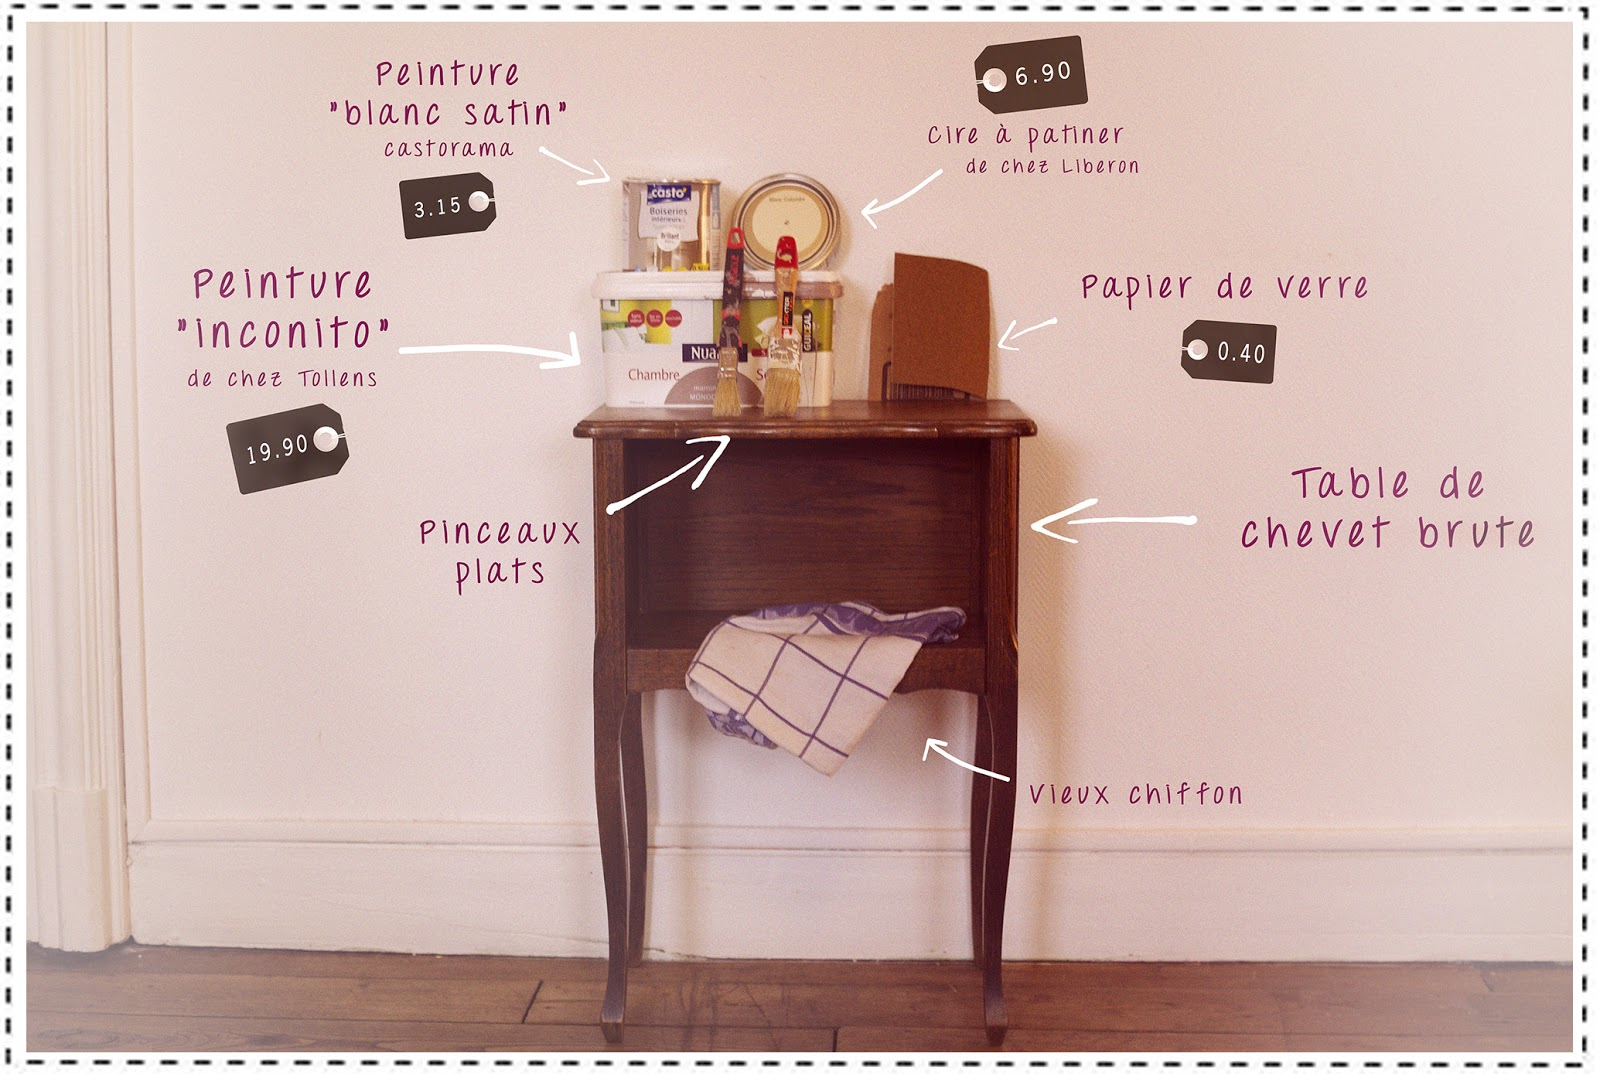 diy r nover une table de chevet petit prix. Black Bedroom Furniture Sets. Home Design Ideas